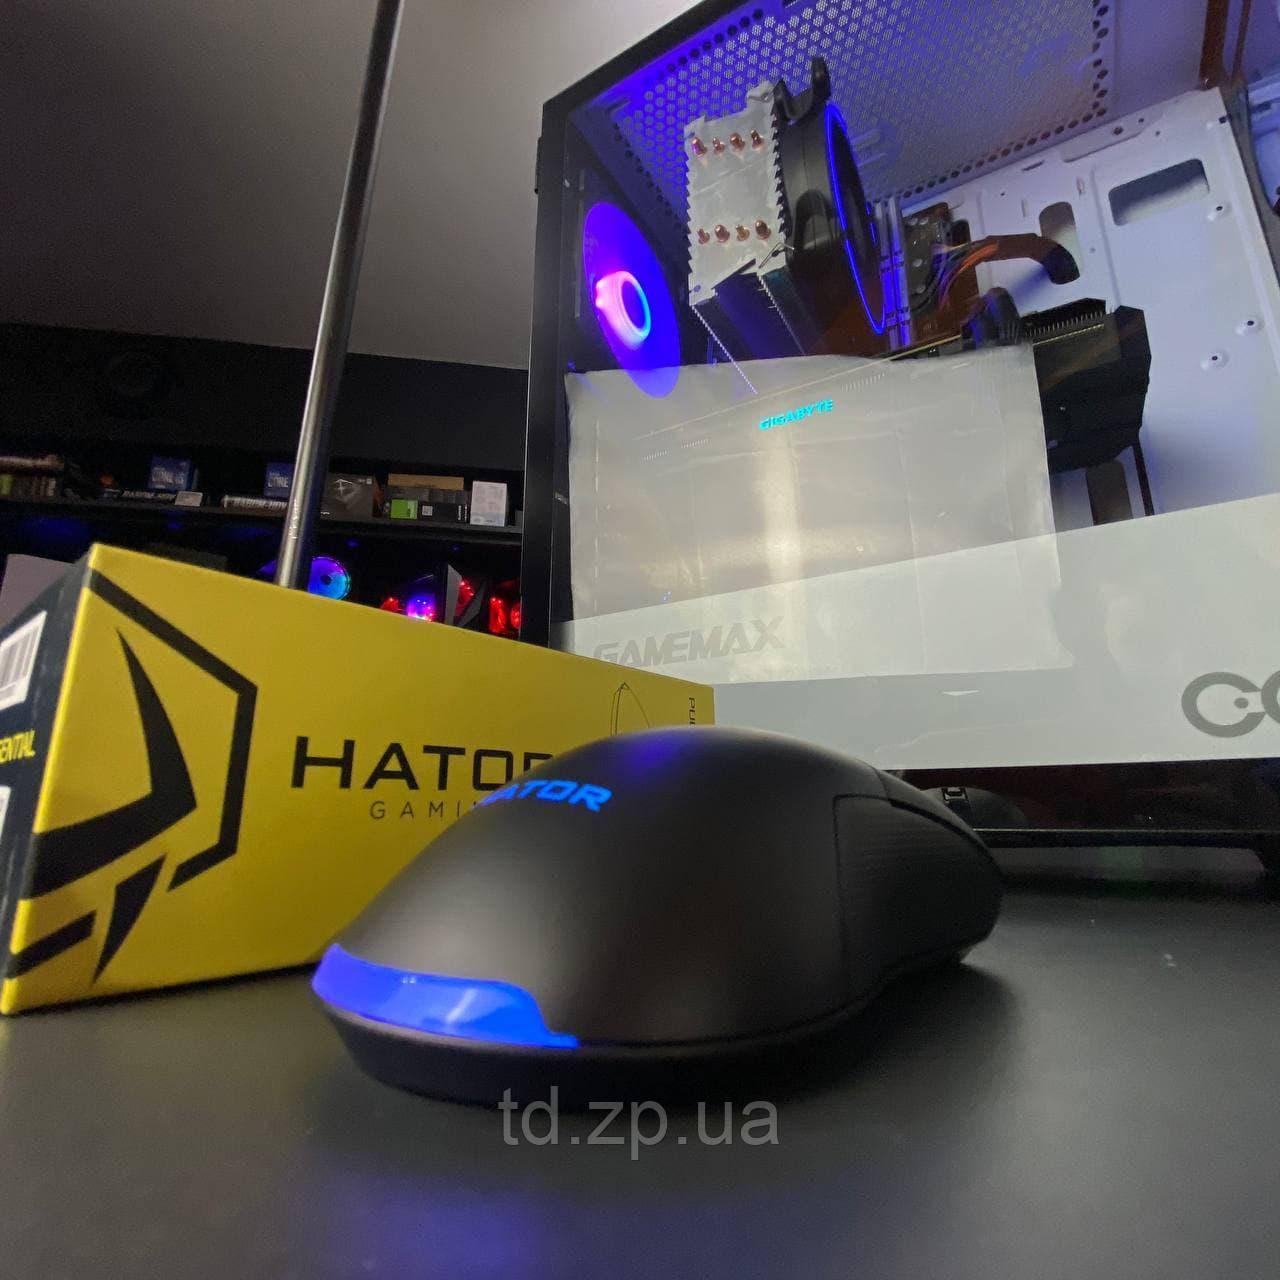 Мышь  Hator Vortex Essential